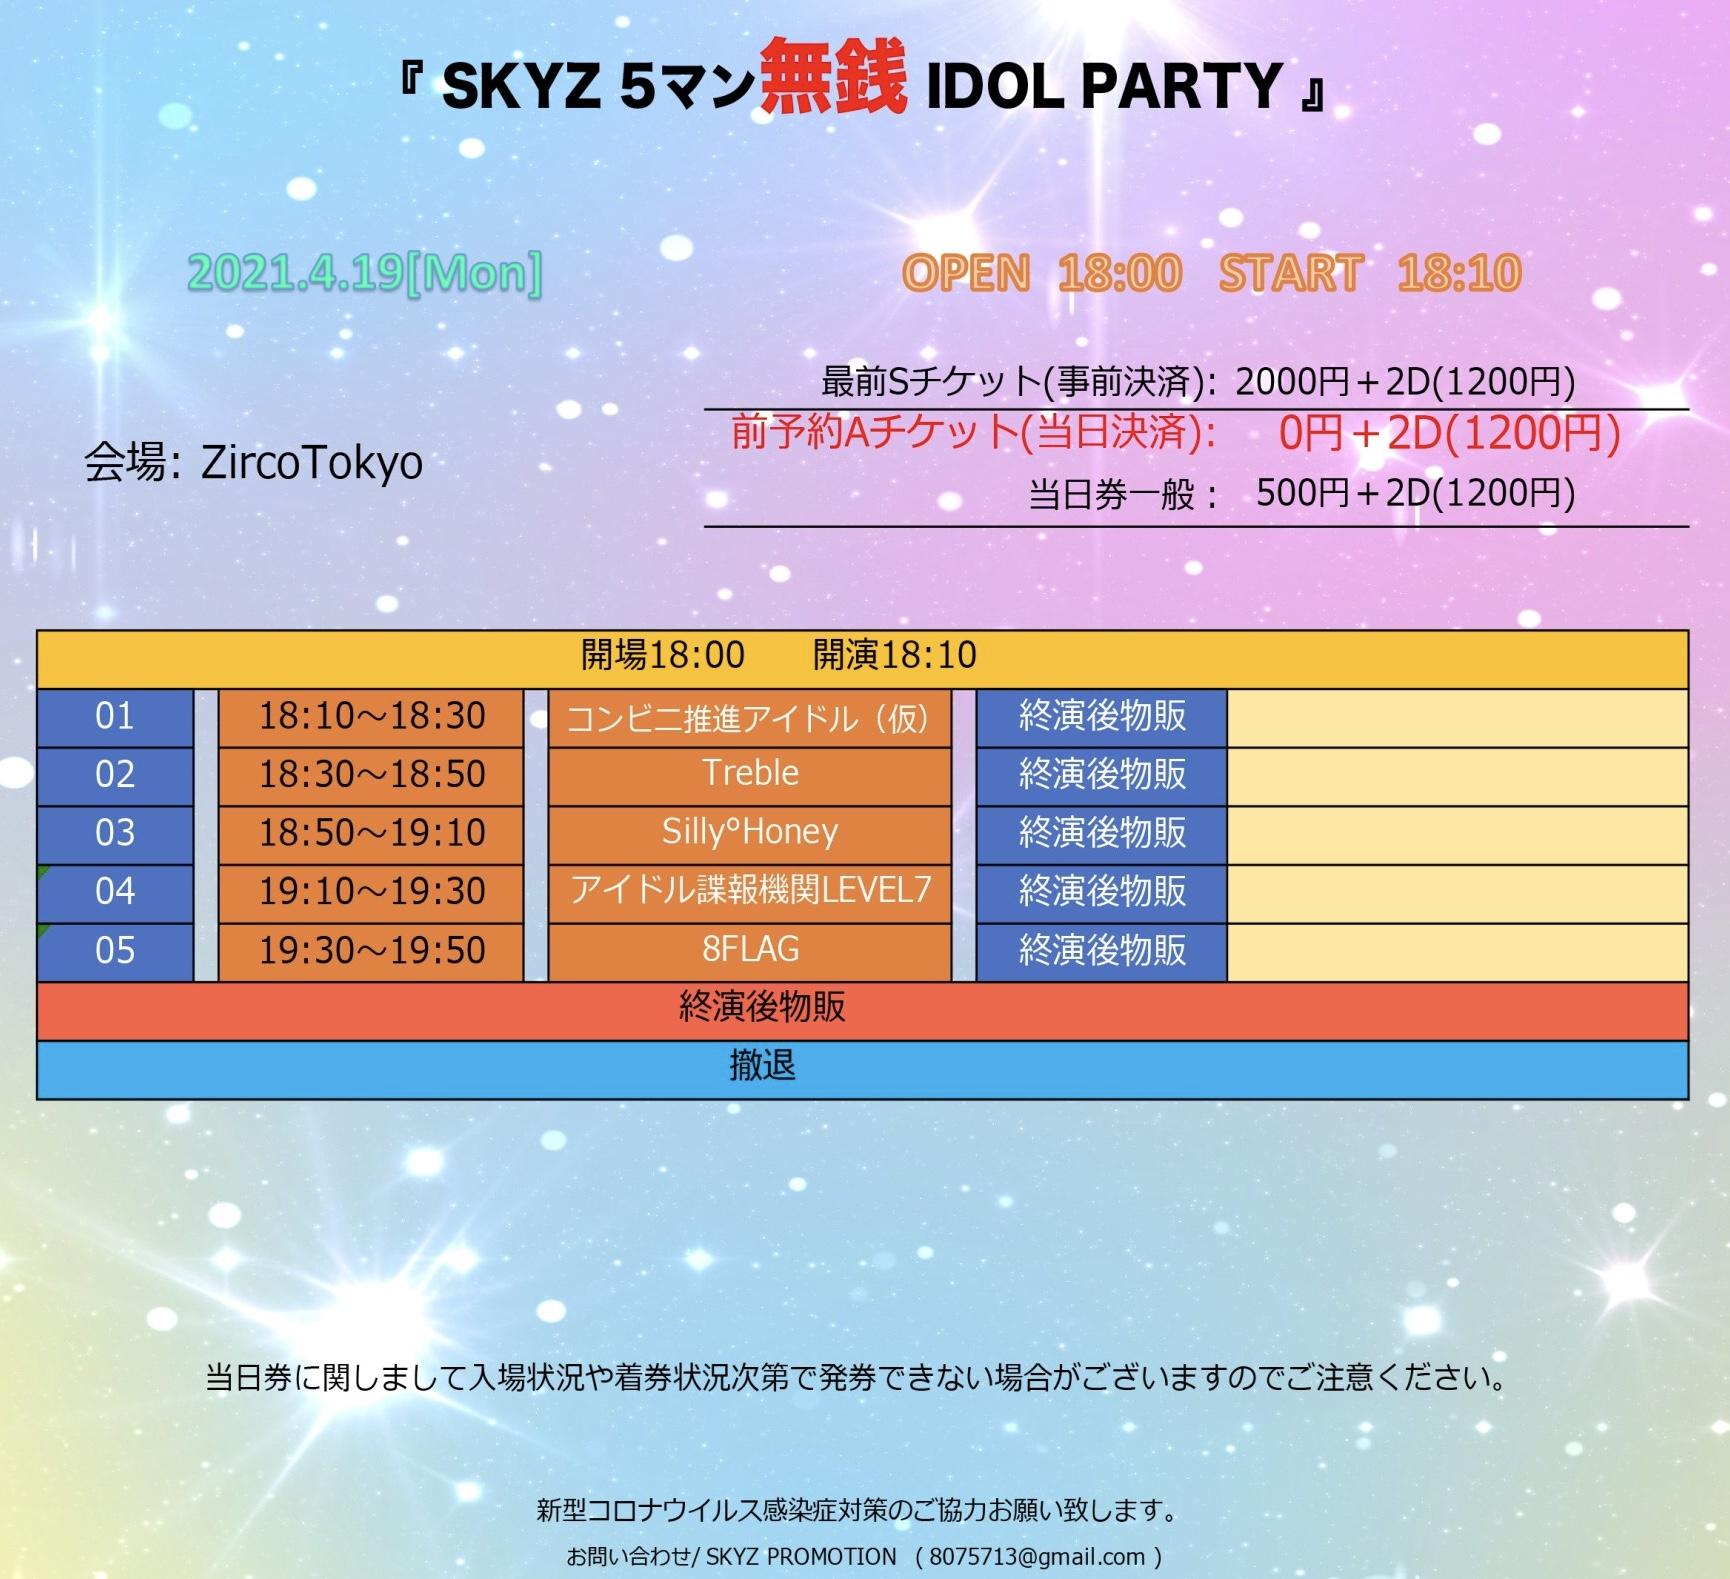 SKYZ 5マン無銭IDOL PARTY